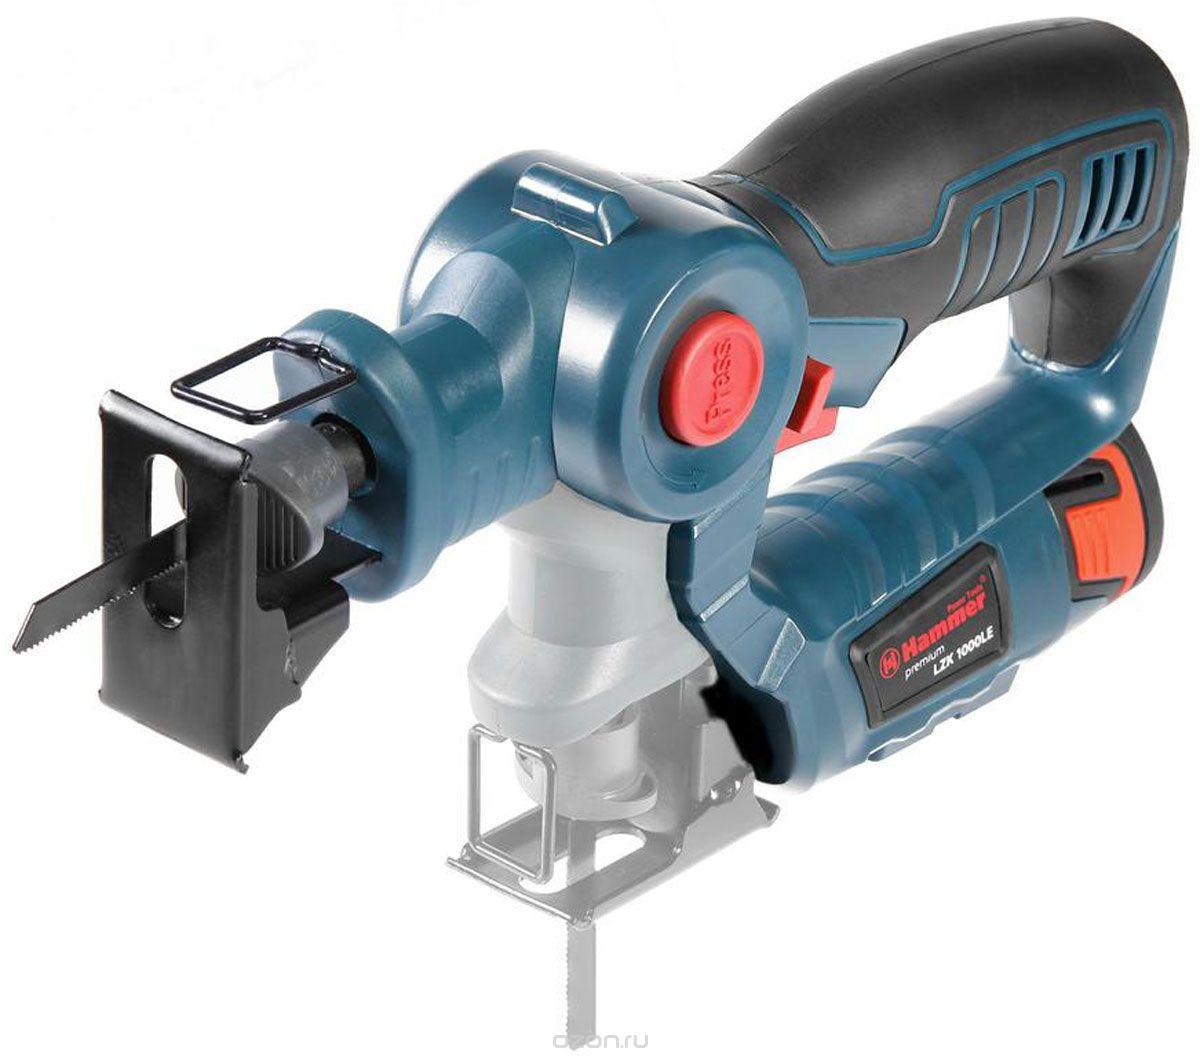 Аккумуляторный лобзик Hammer LZK1000LE Premium + АКБ AB120LE + ЗУ Hammer 251605